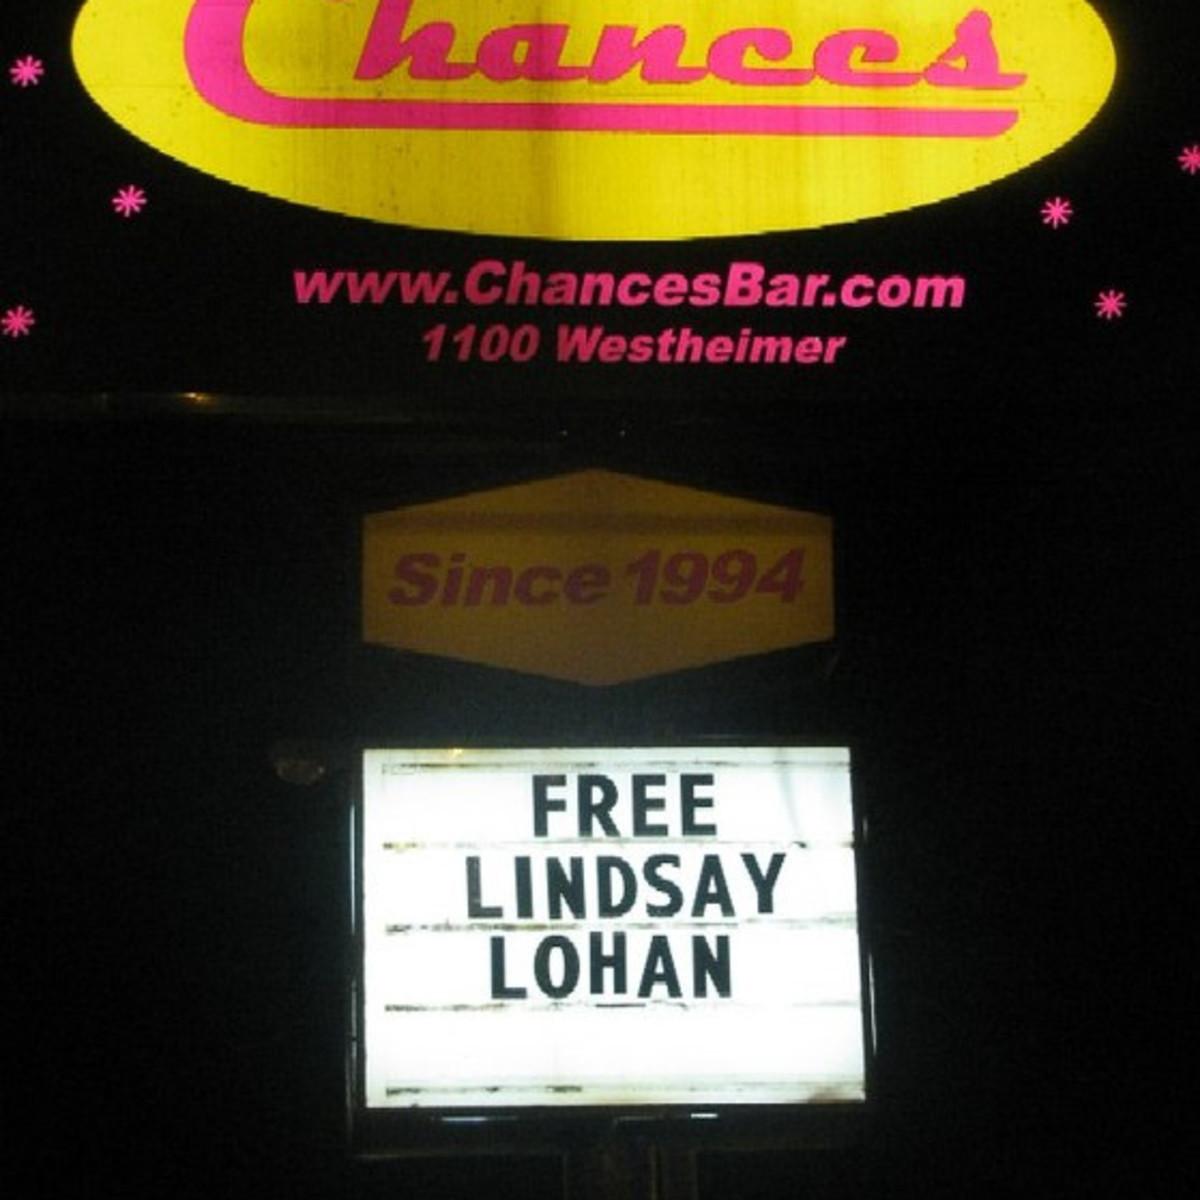 News_Chances_Lindsay Lohan_free_sign